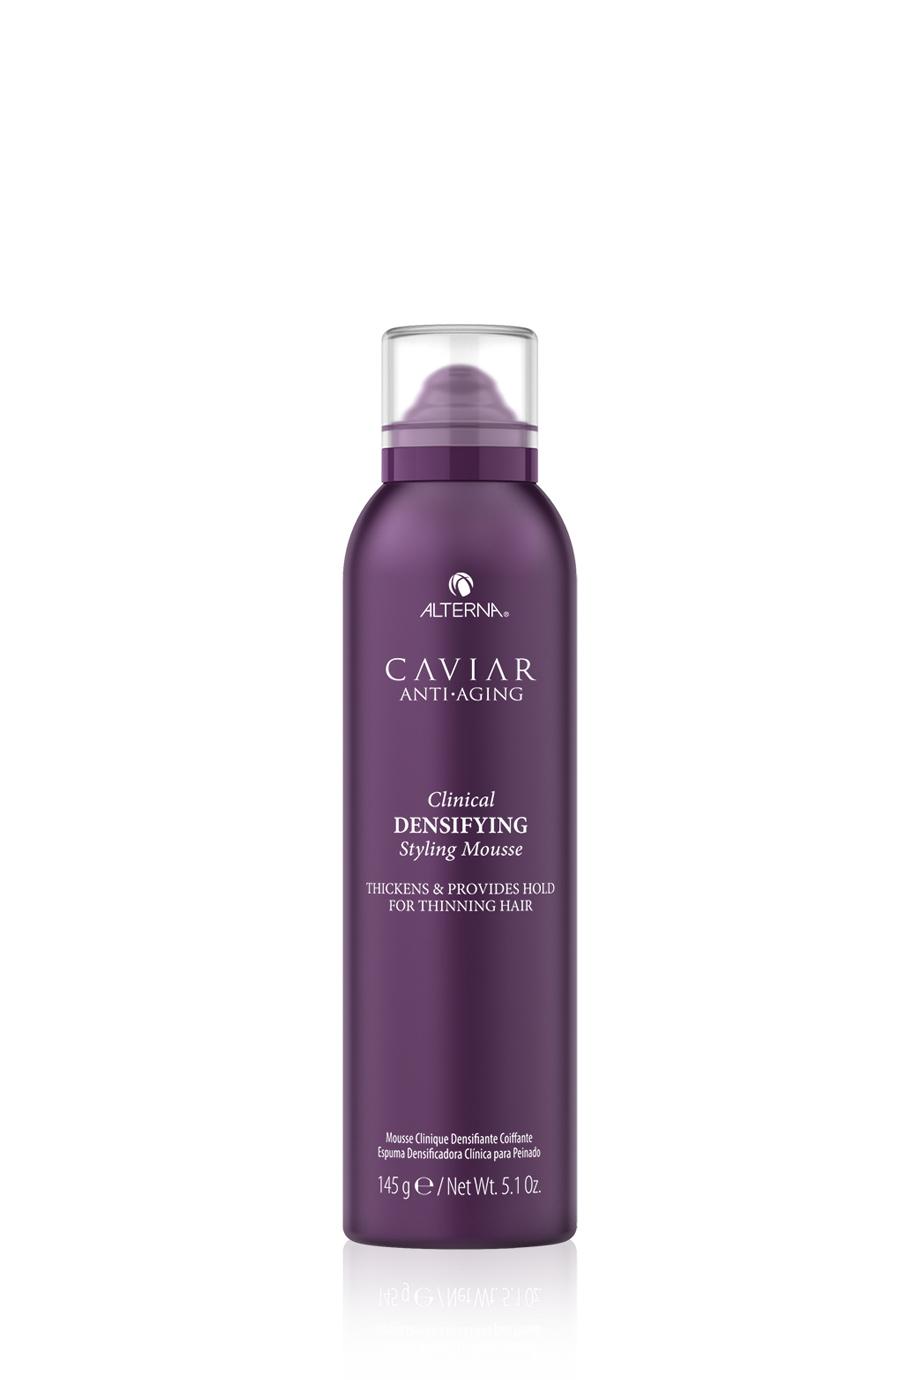 CAVIAR Anti-Aging Clinical Densifying Styling Mousse Мусс-детокс для уплотнения и стимулирования роста волос с экстрактом красного клевера, 145гр